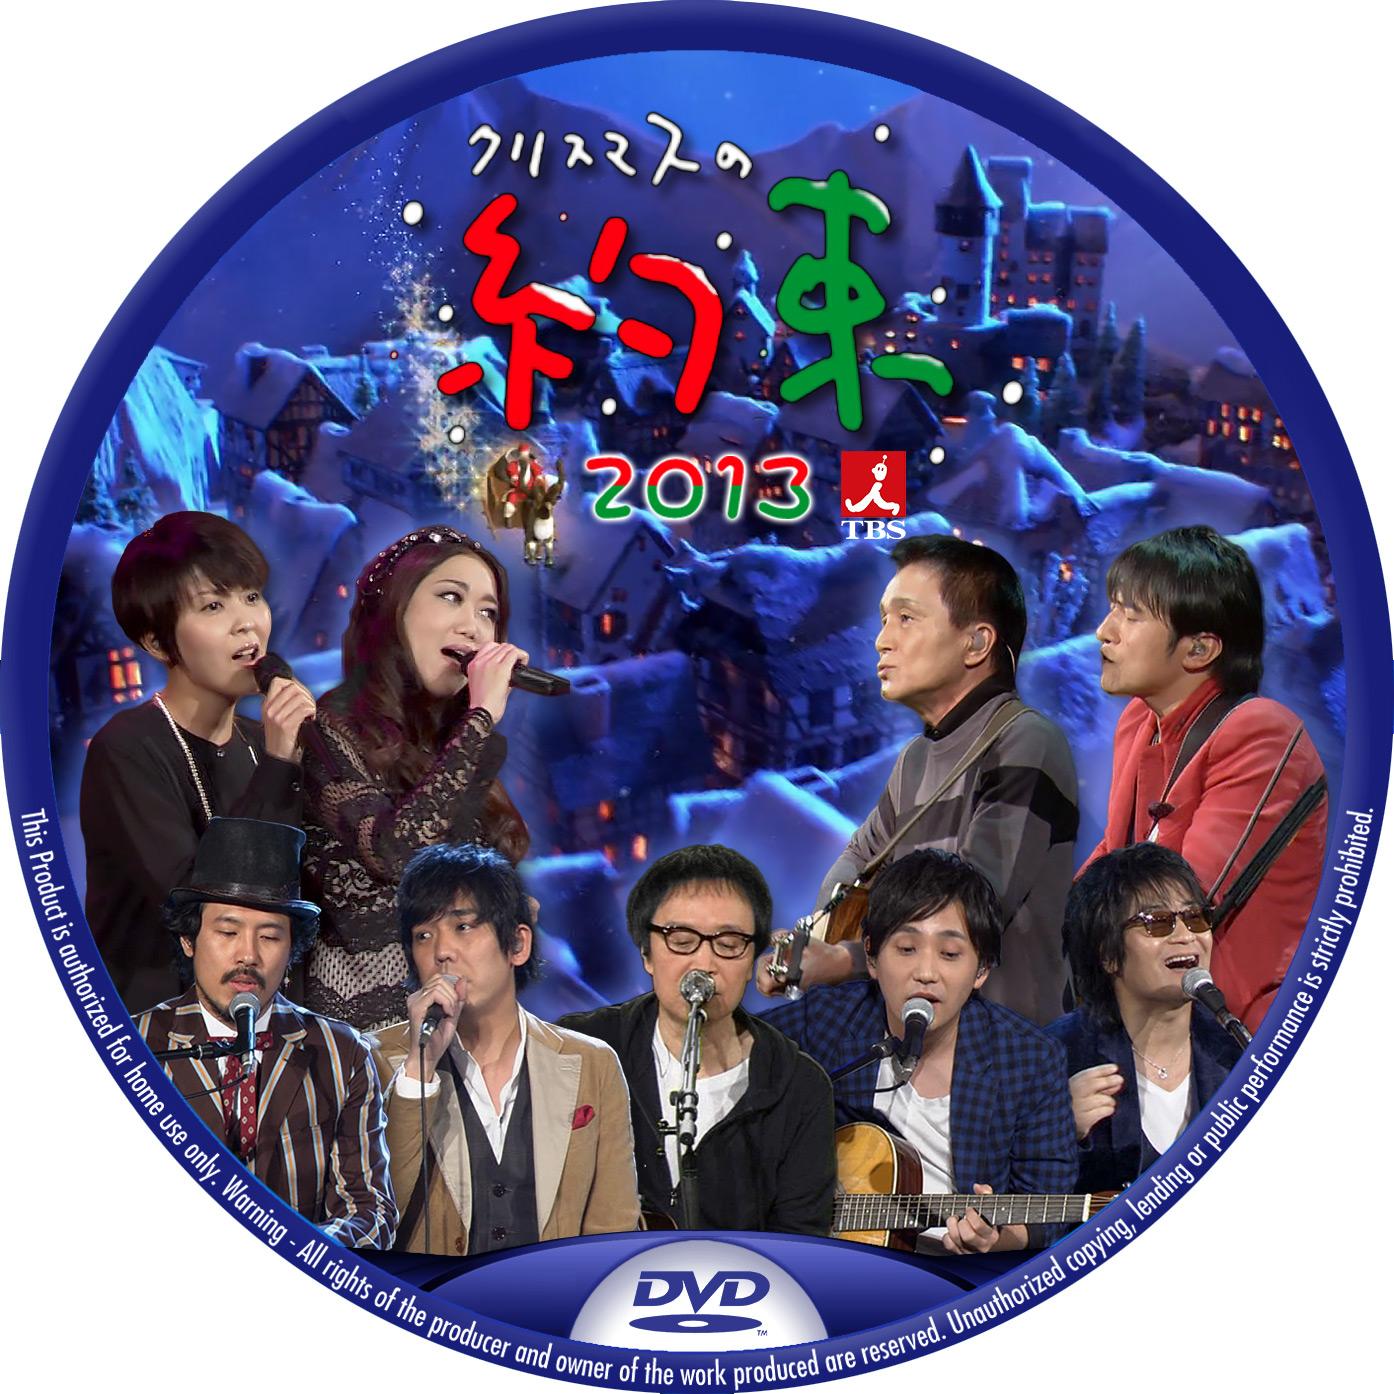 クリスマスの約束 2013 DVDラベル